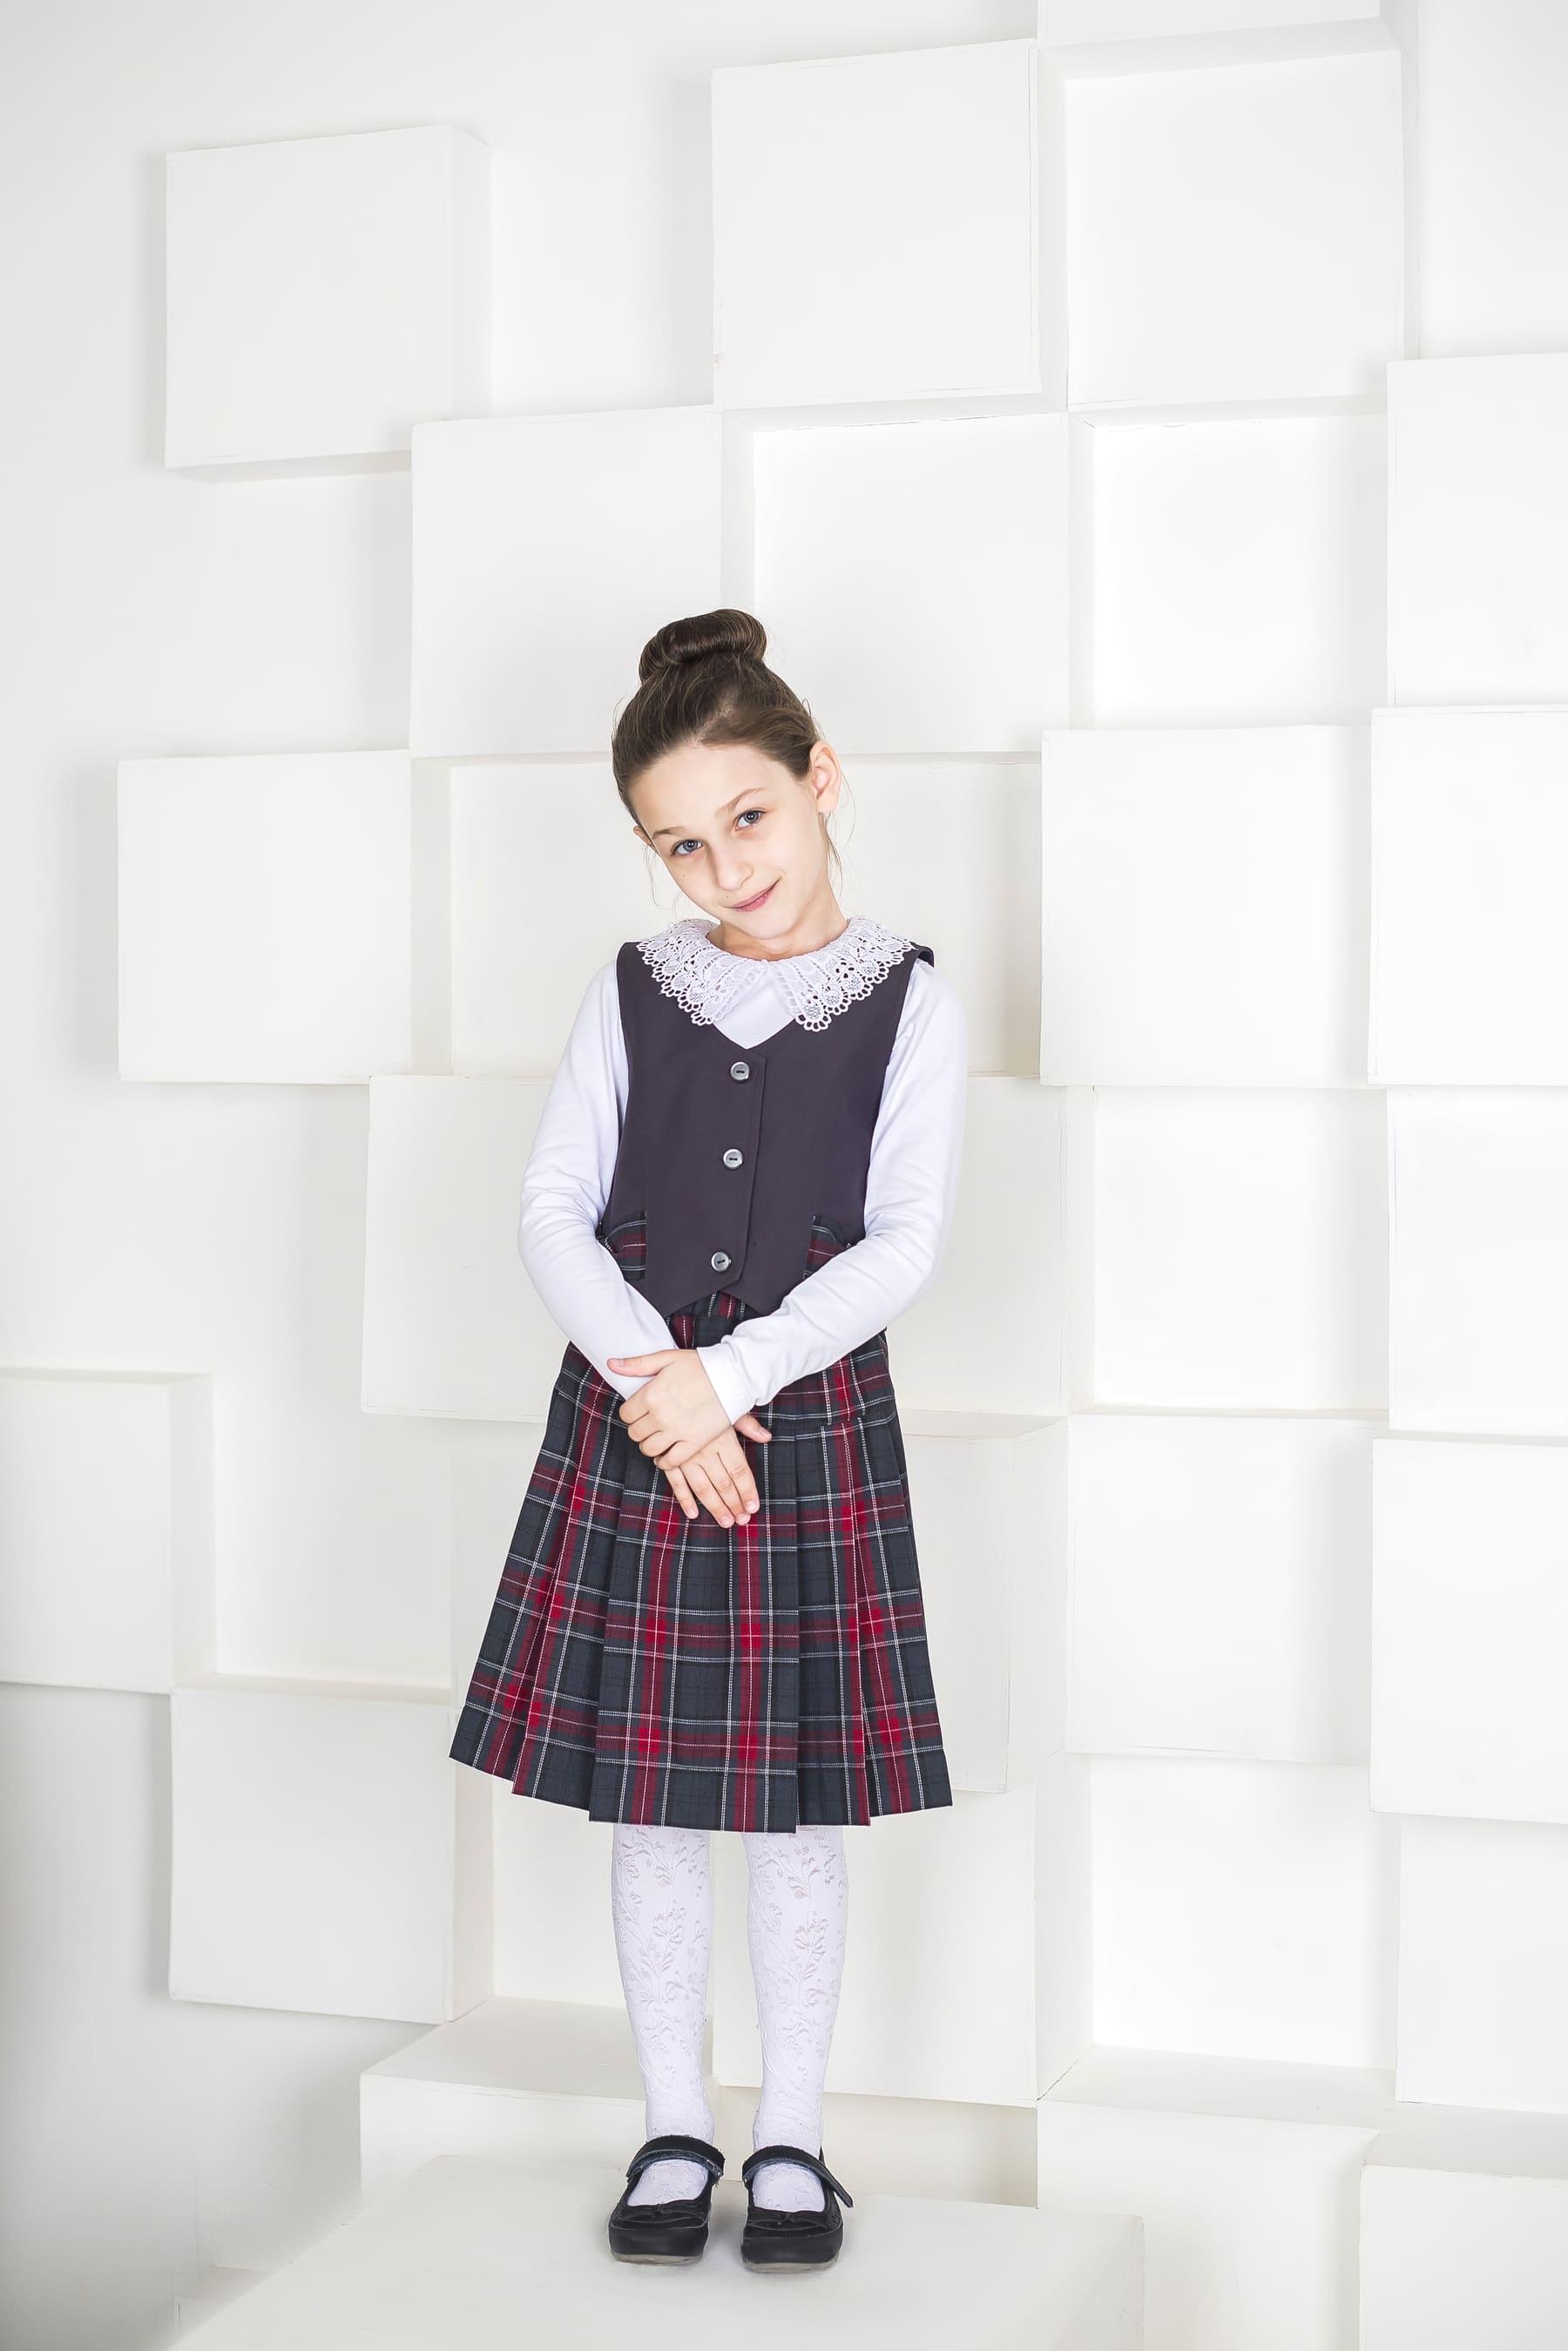 Костюм тканевый для девочки (юбка + жилет) в Челябинске, Магнитогорске, Учалах, Уфе, Белорецке.